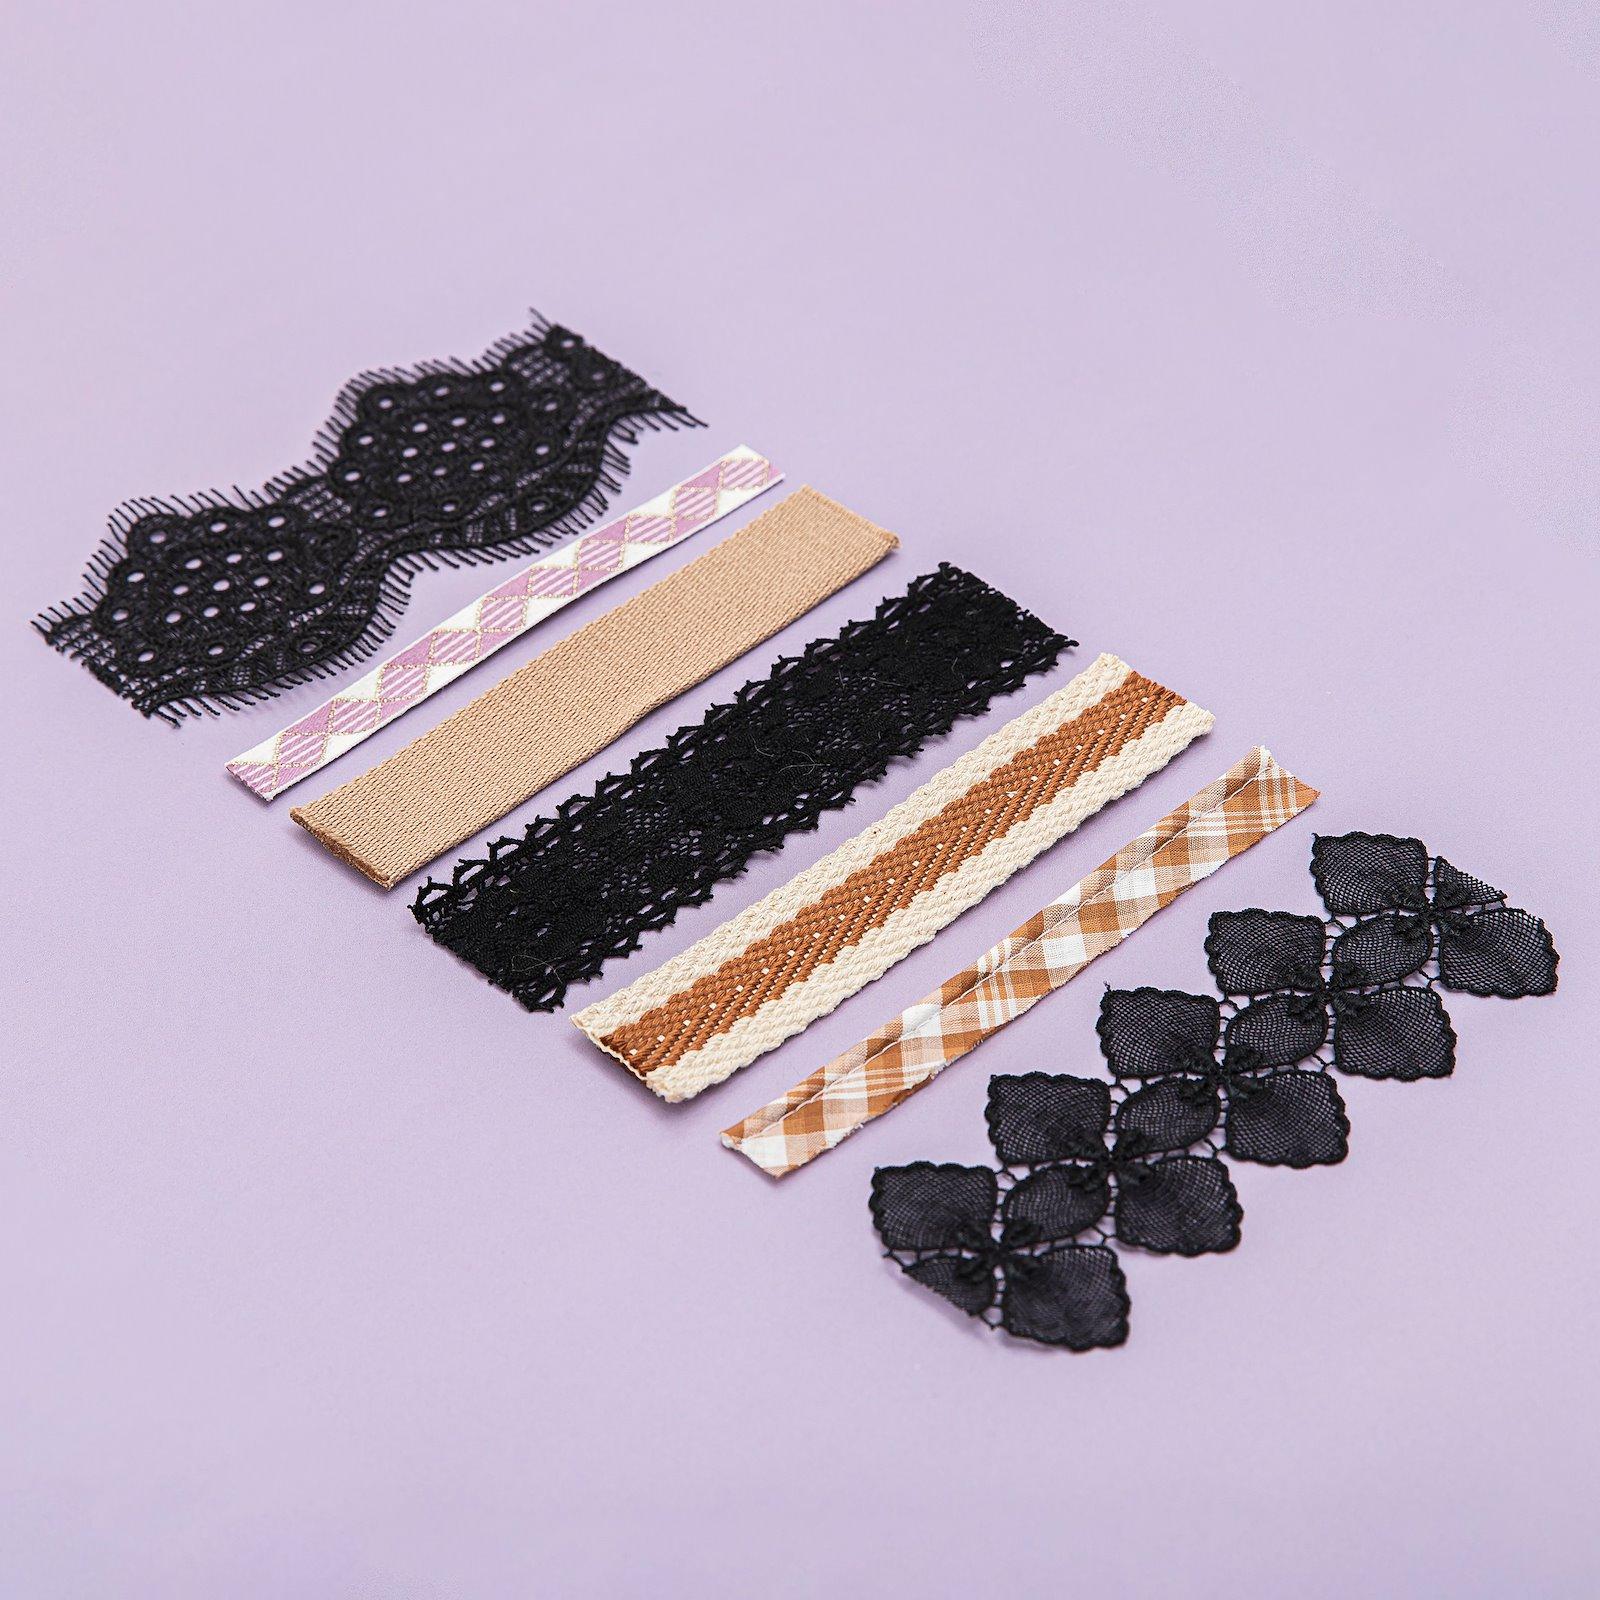 Lace 50mm black 1,5m 22218_22359_22315_22251_22387_22338_22217_bundle